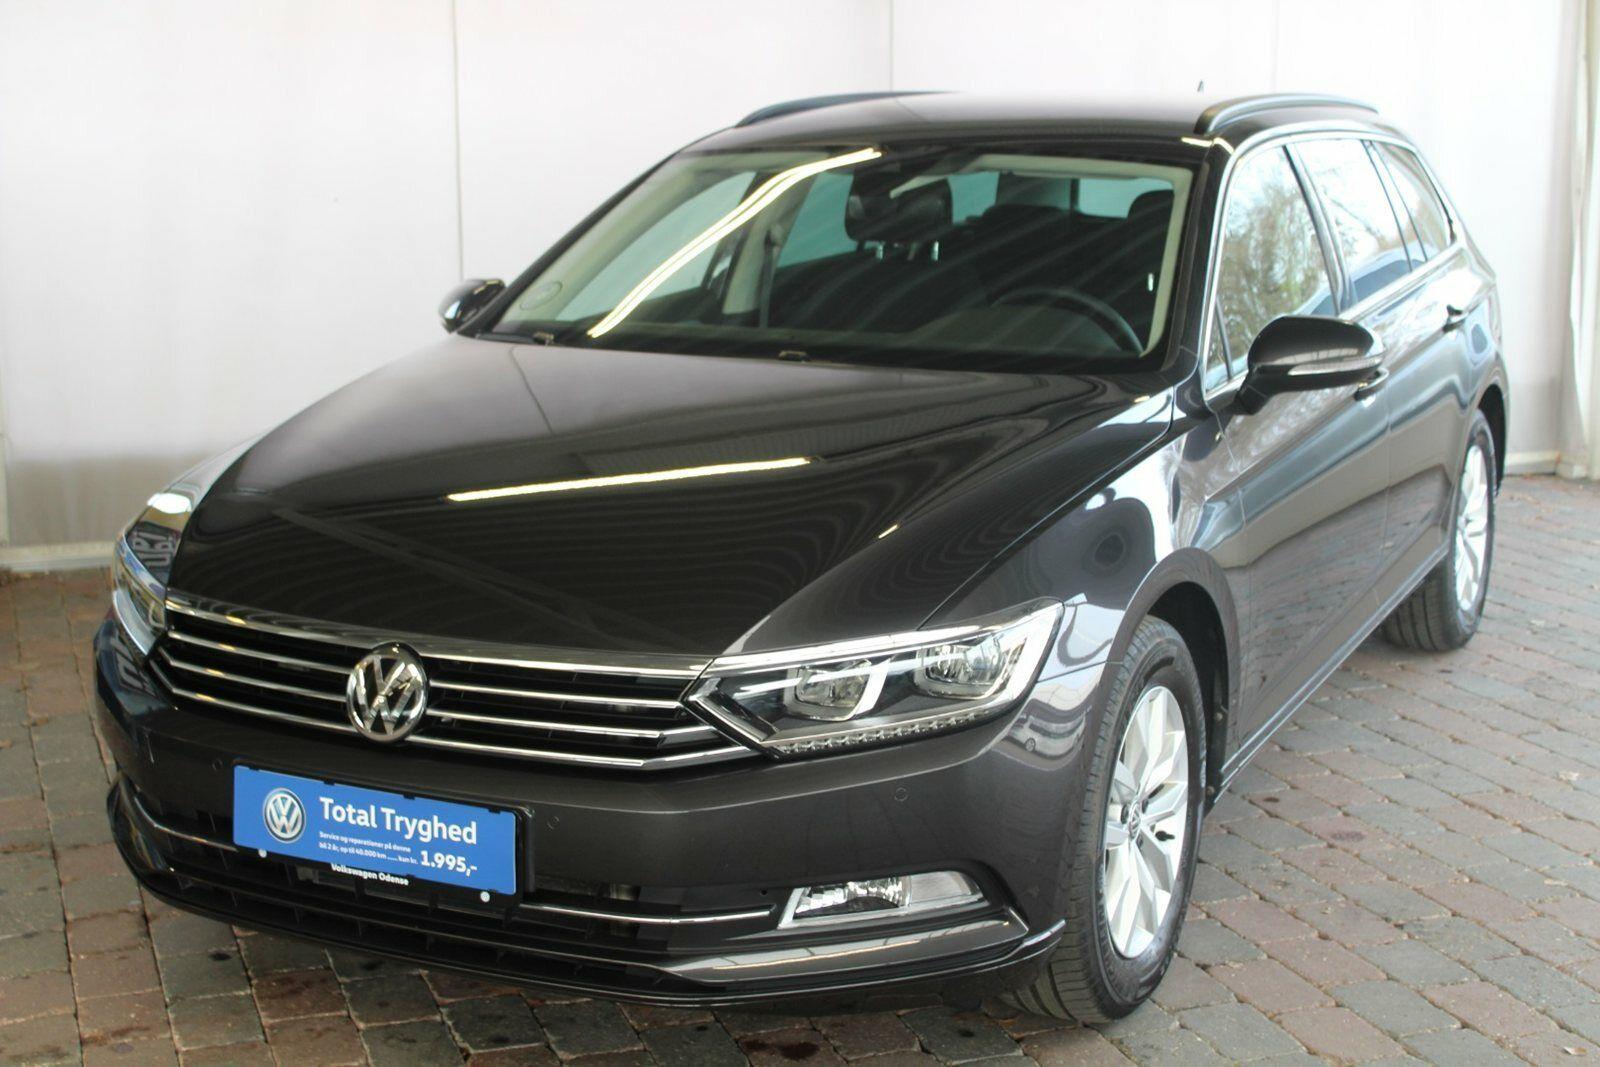 VW Passat 2,0 TDi 150 Comfort. Prem Vari DSG 5d - 369.900 kr.